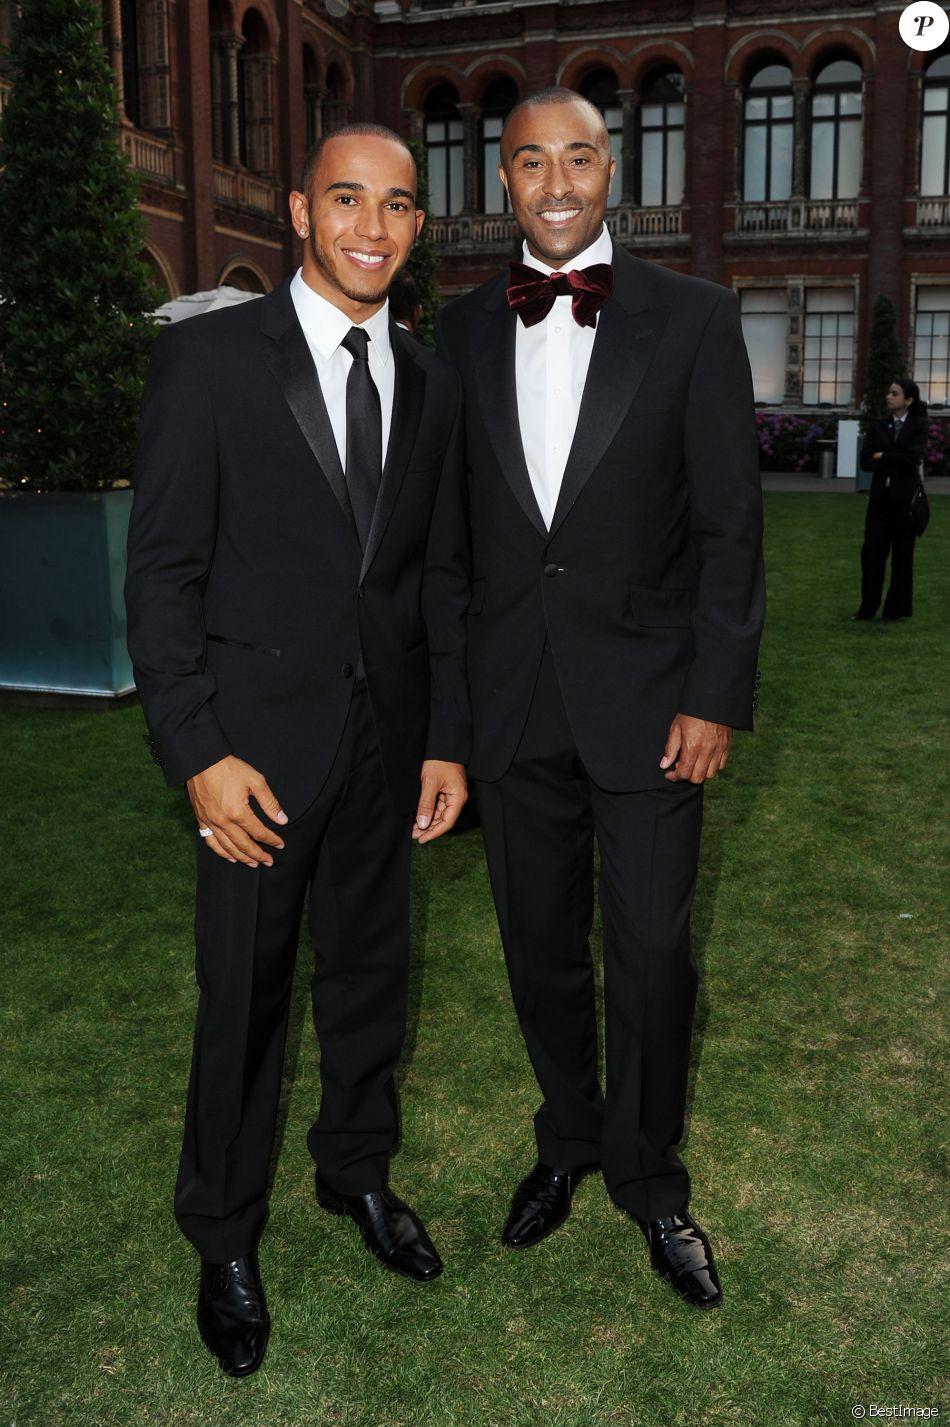 ¿Cuánto mide Lewis Hamilton? - Estatura y peso - Real height - Página 2 3495268-lewis-hamilton-colin-jackson-soiree-950x0-2